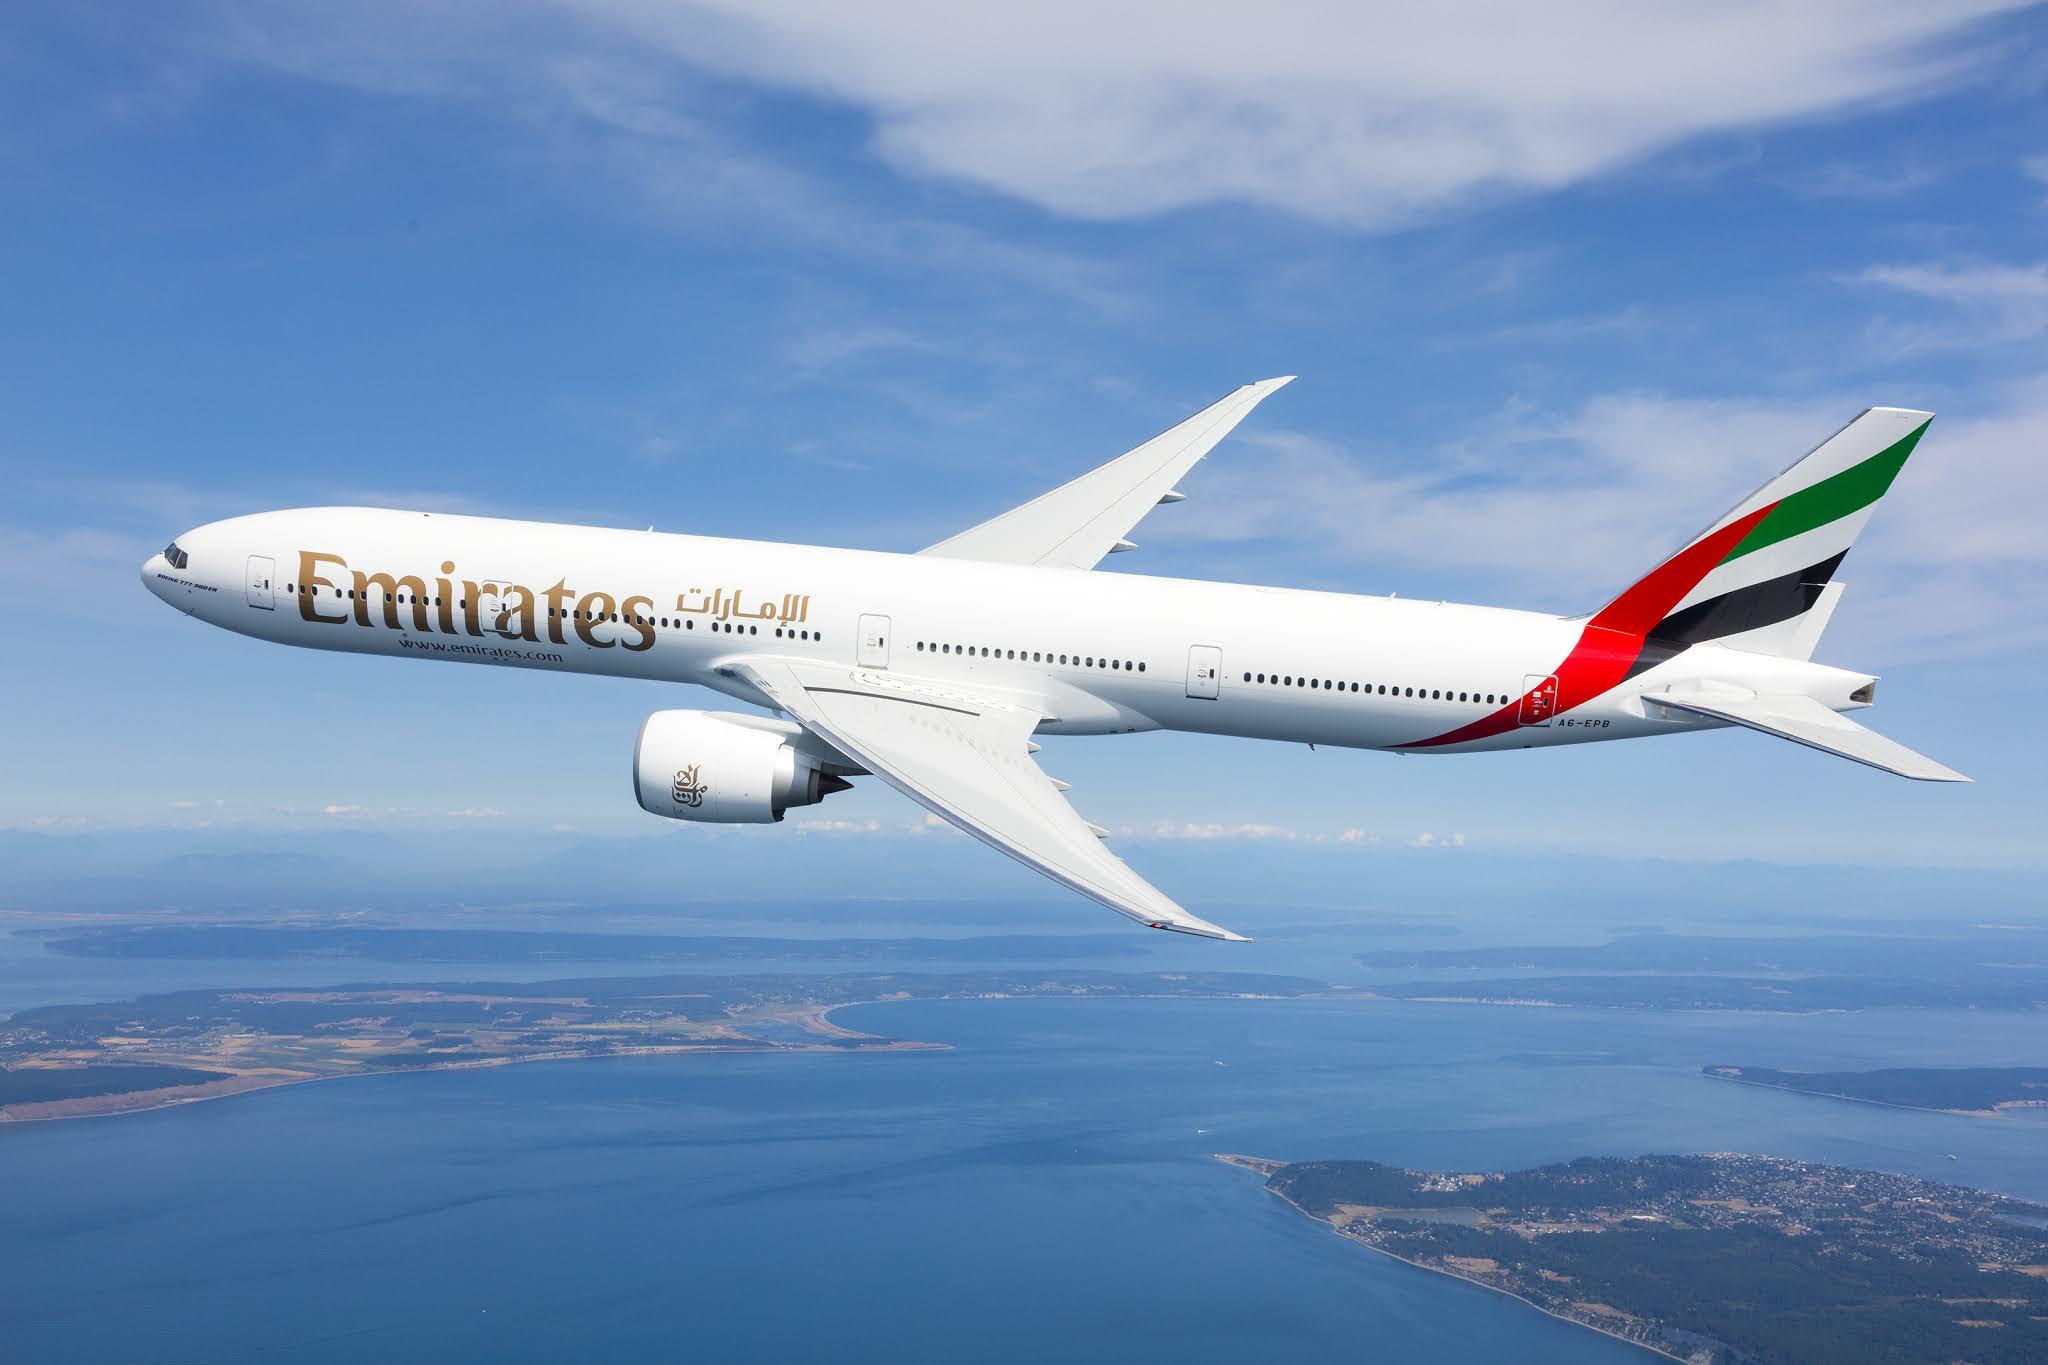 برنامج طيران الإمارات لمكافأة ولاء الشركات يقدم حوافز جديدة